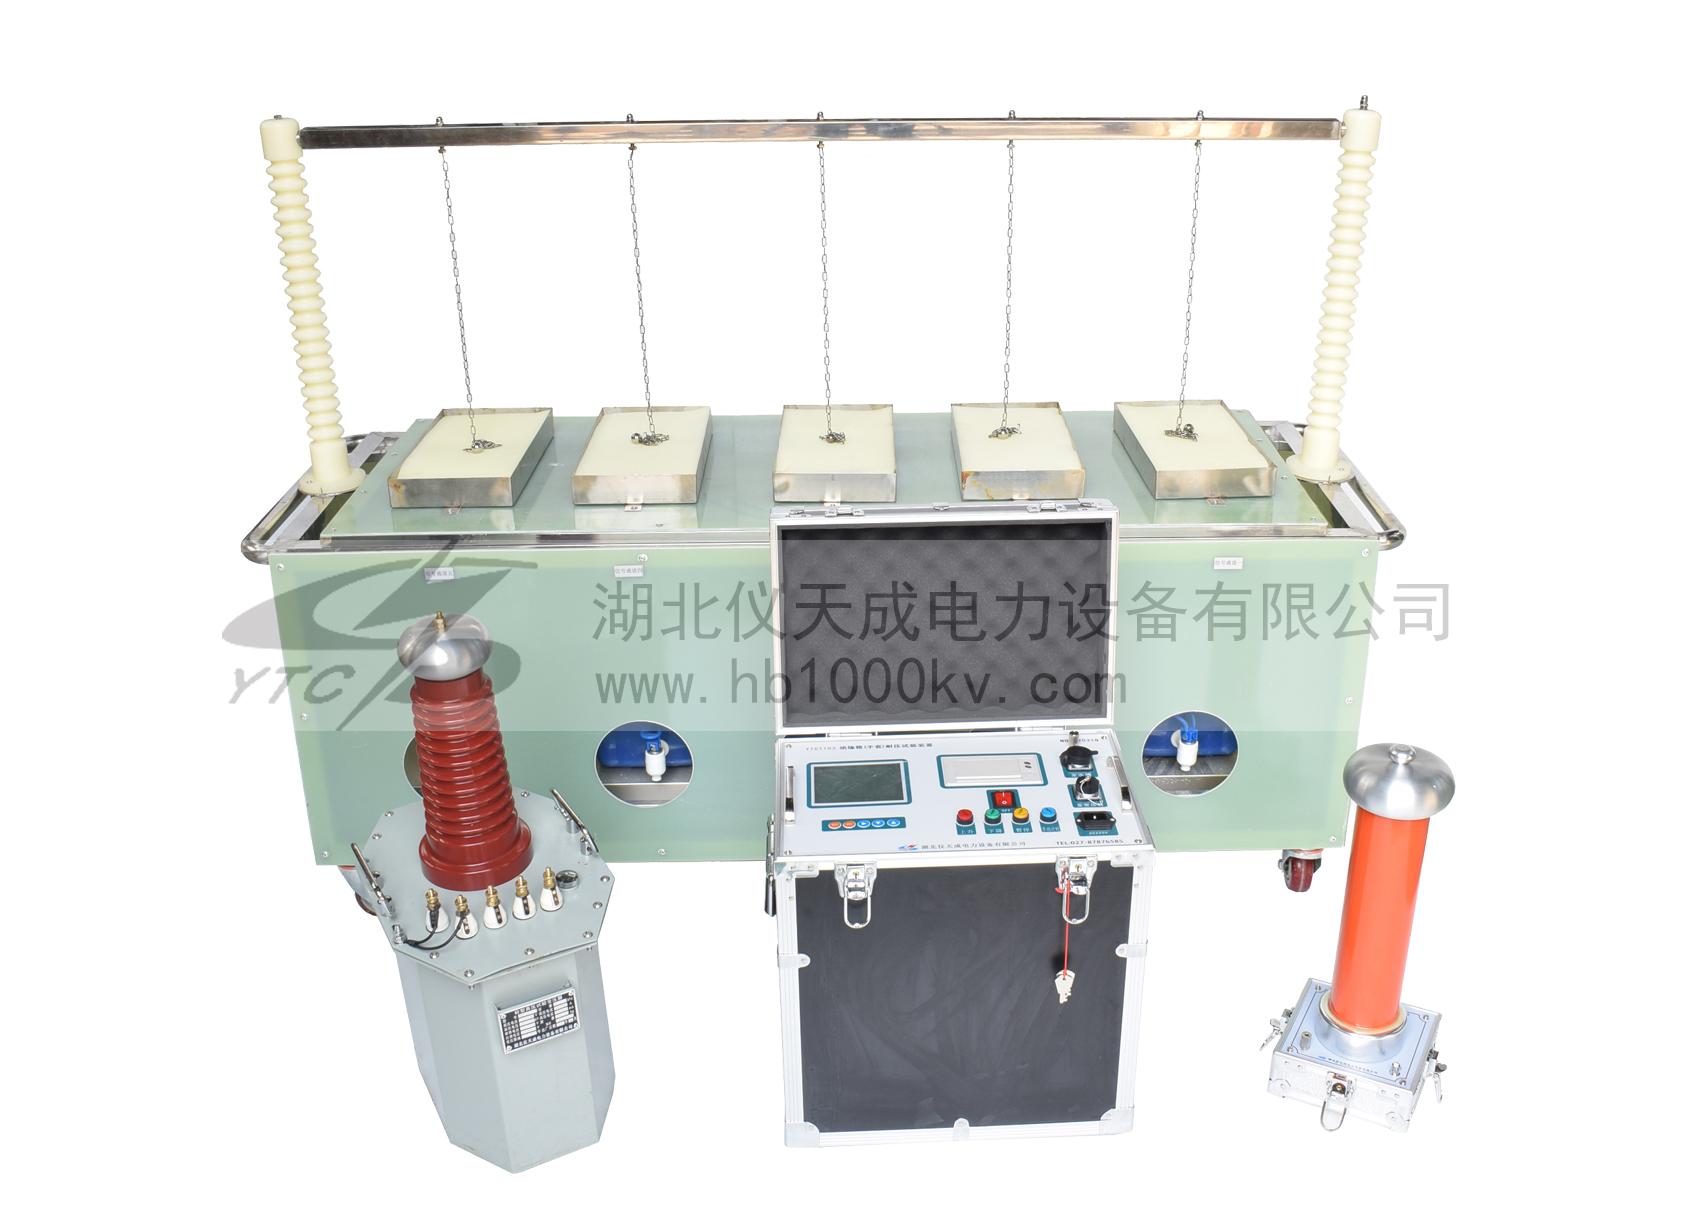 YTC1103绝缘靴(手套)防护工具耐压试验装置整体图